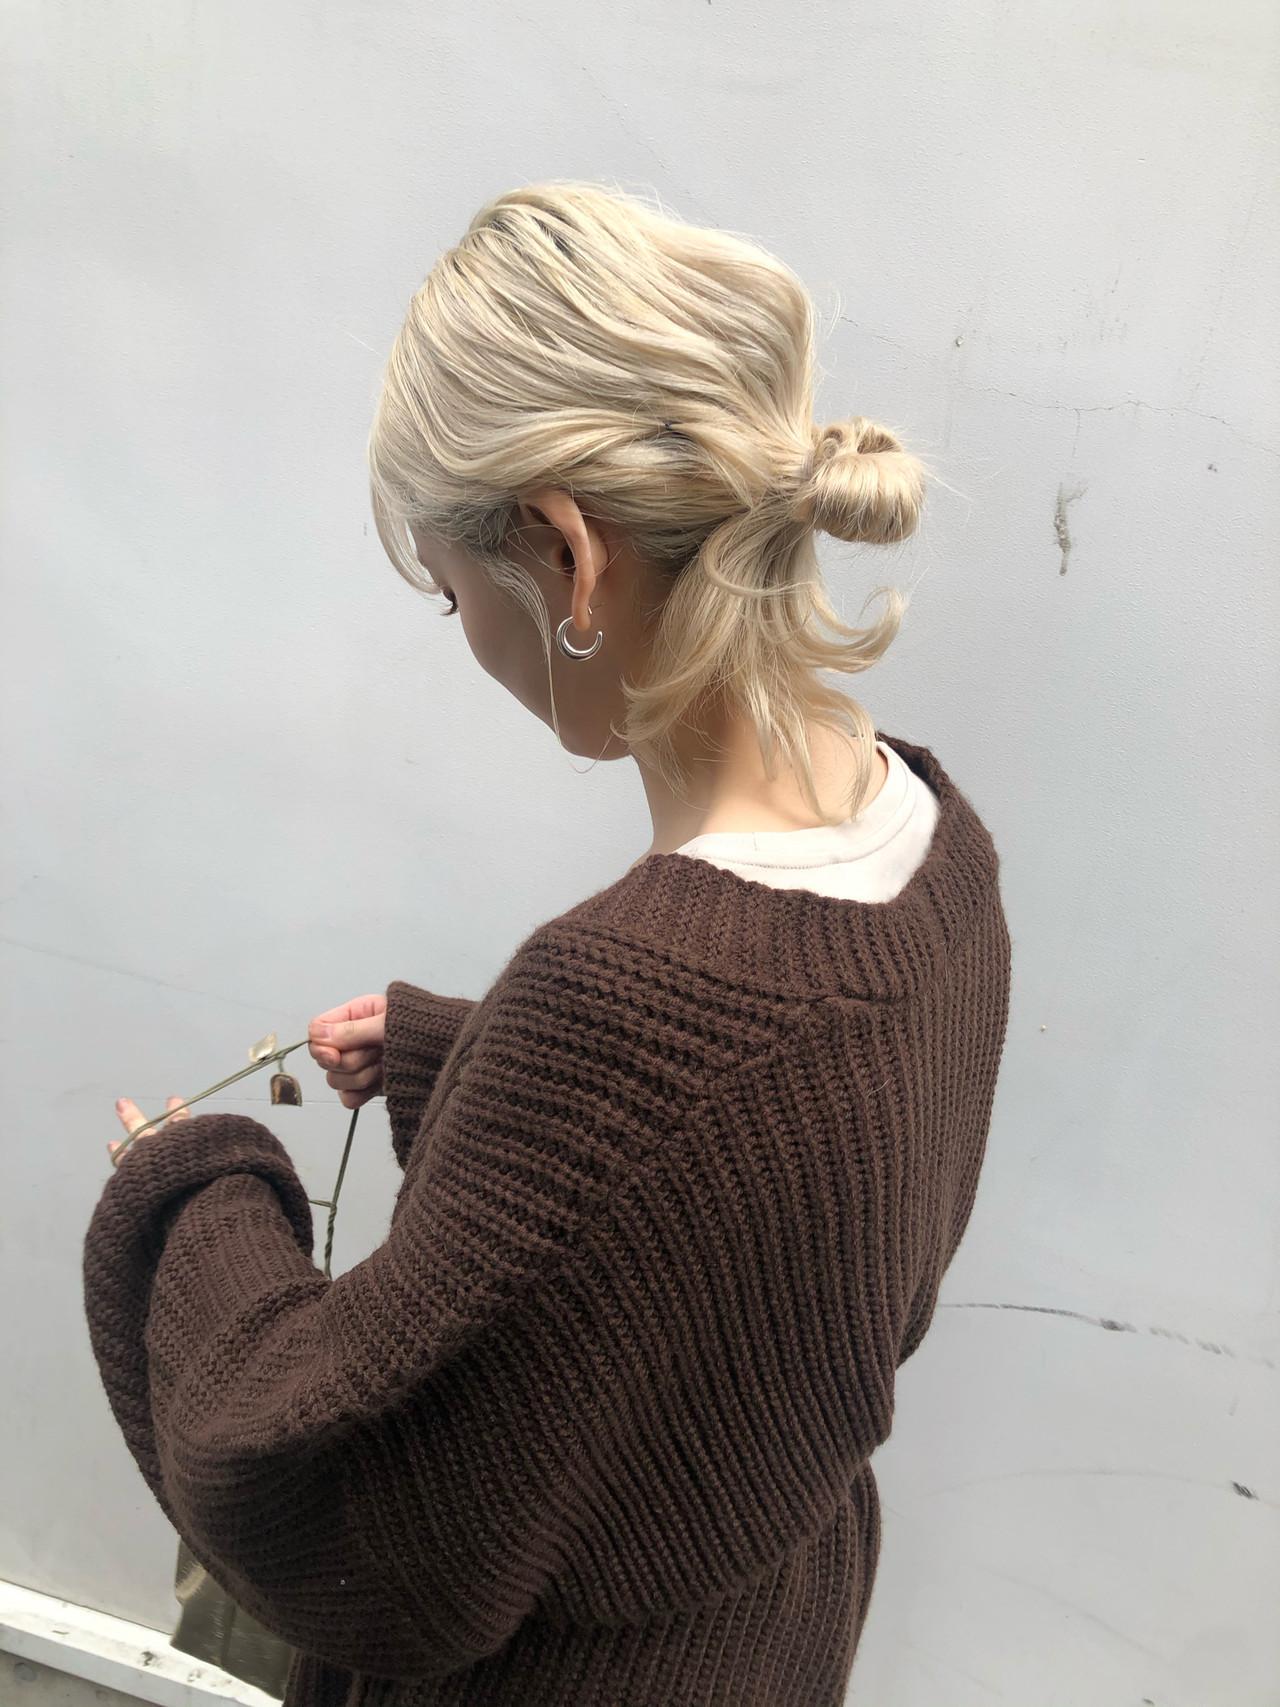 ハイトーン 簡単ヘアアレンジ ロング ハイトーンカラー ヘアスタイルや髪型の写真・画像